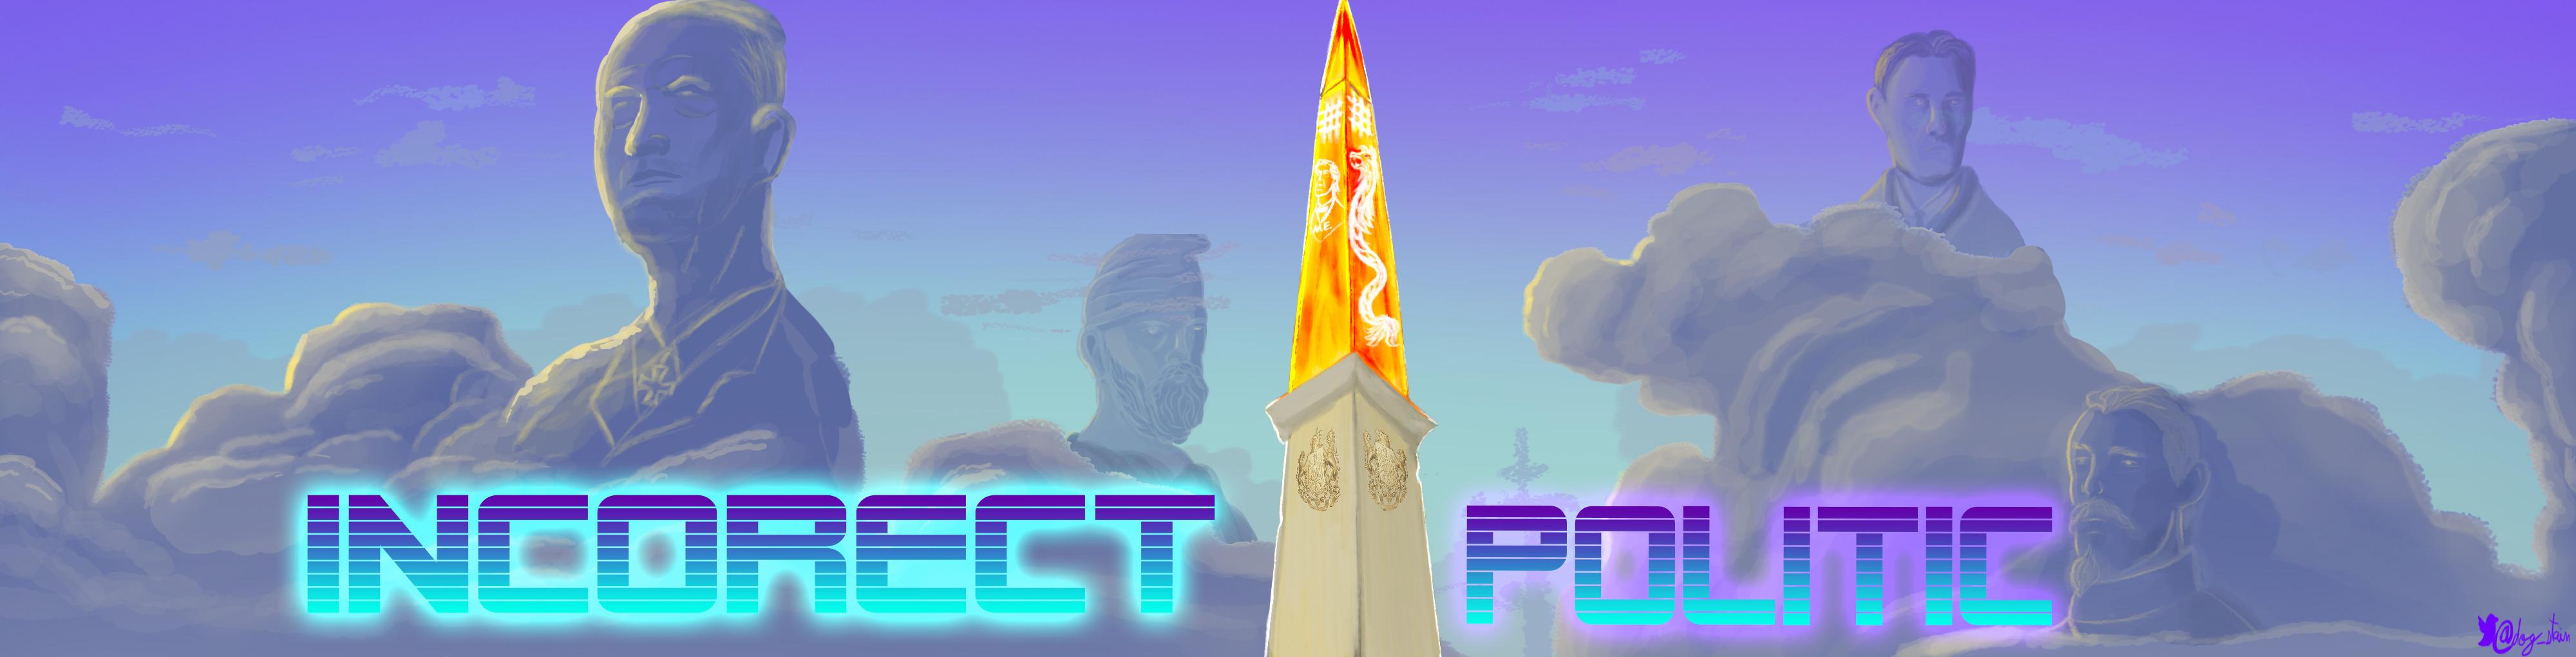 Incorect Politic